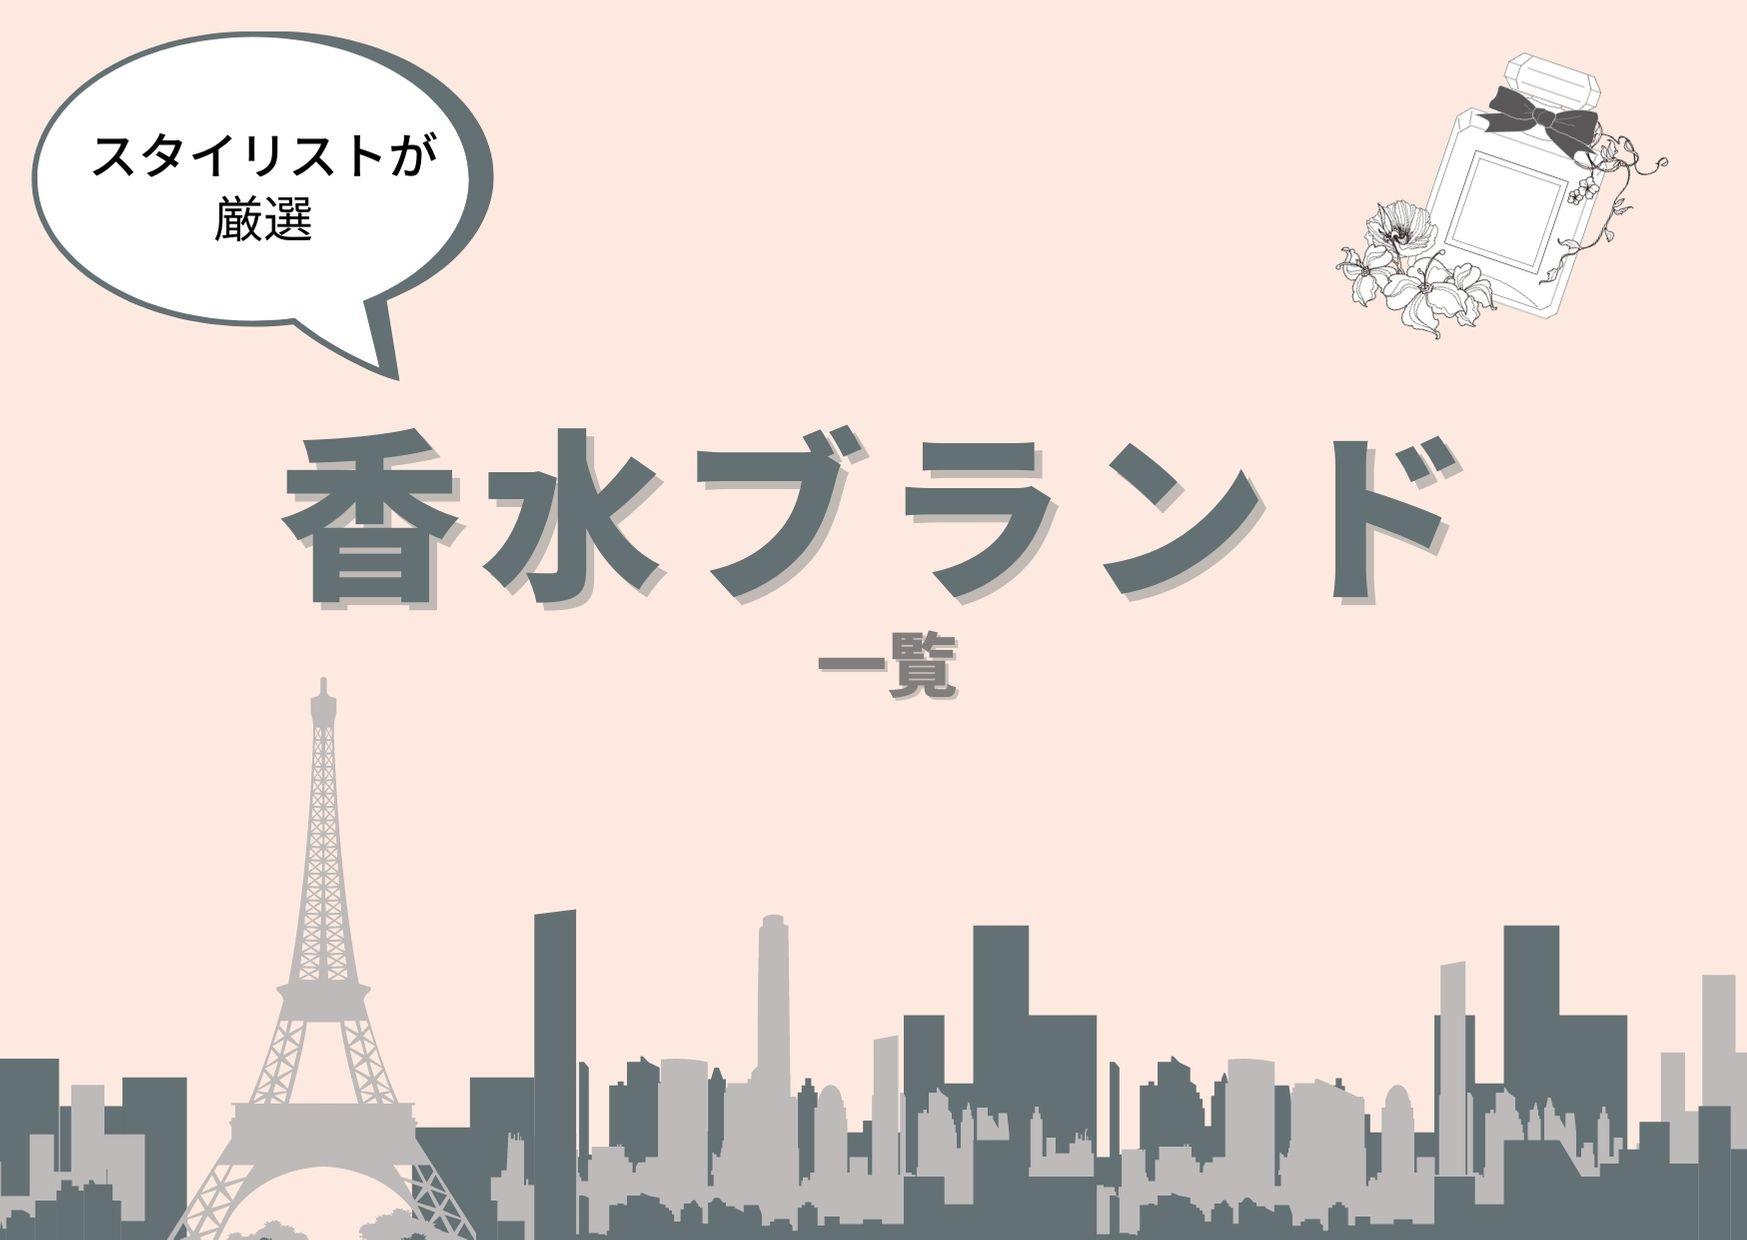 プロが厳選する【香水ブランド】一覧でご紹介!